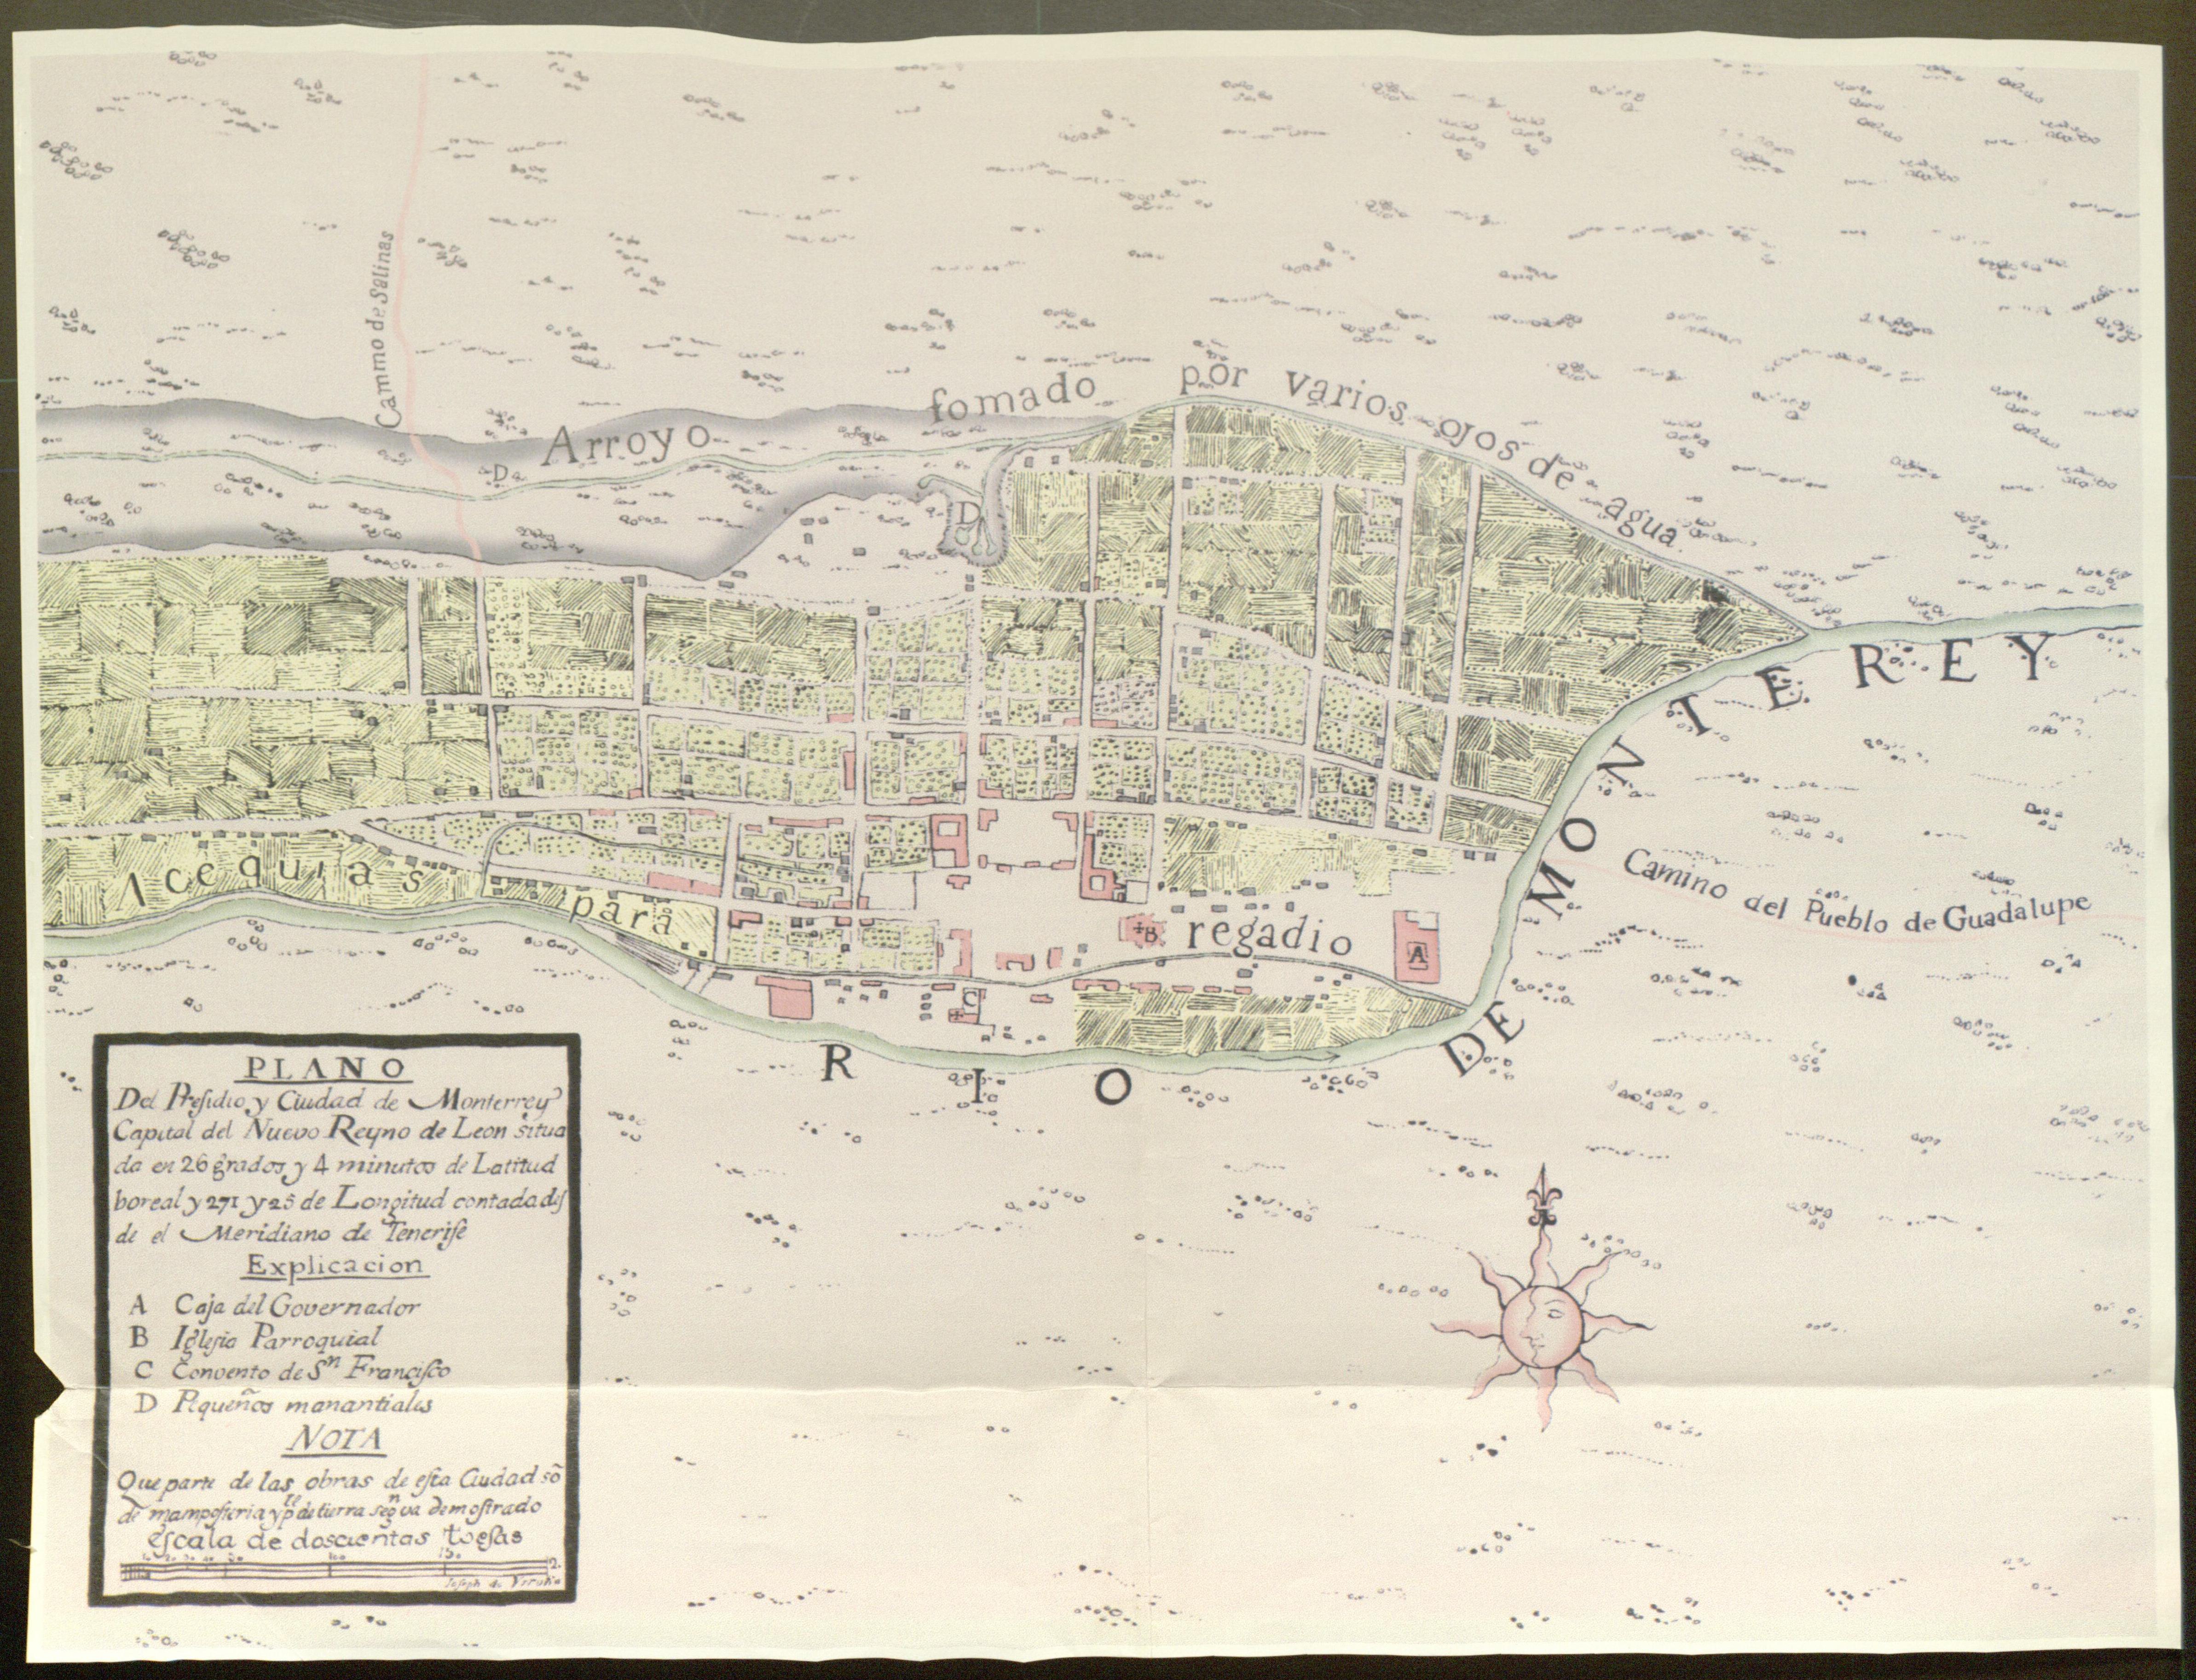 2. Plano de 1765